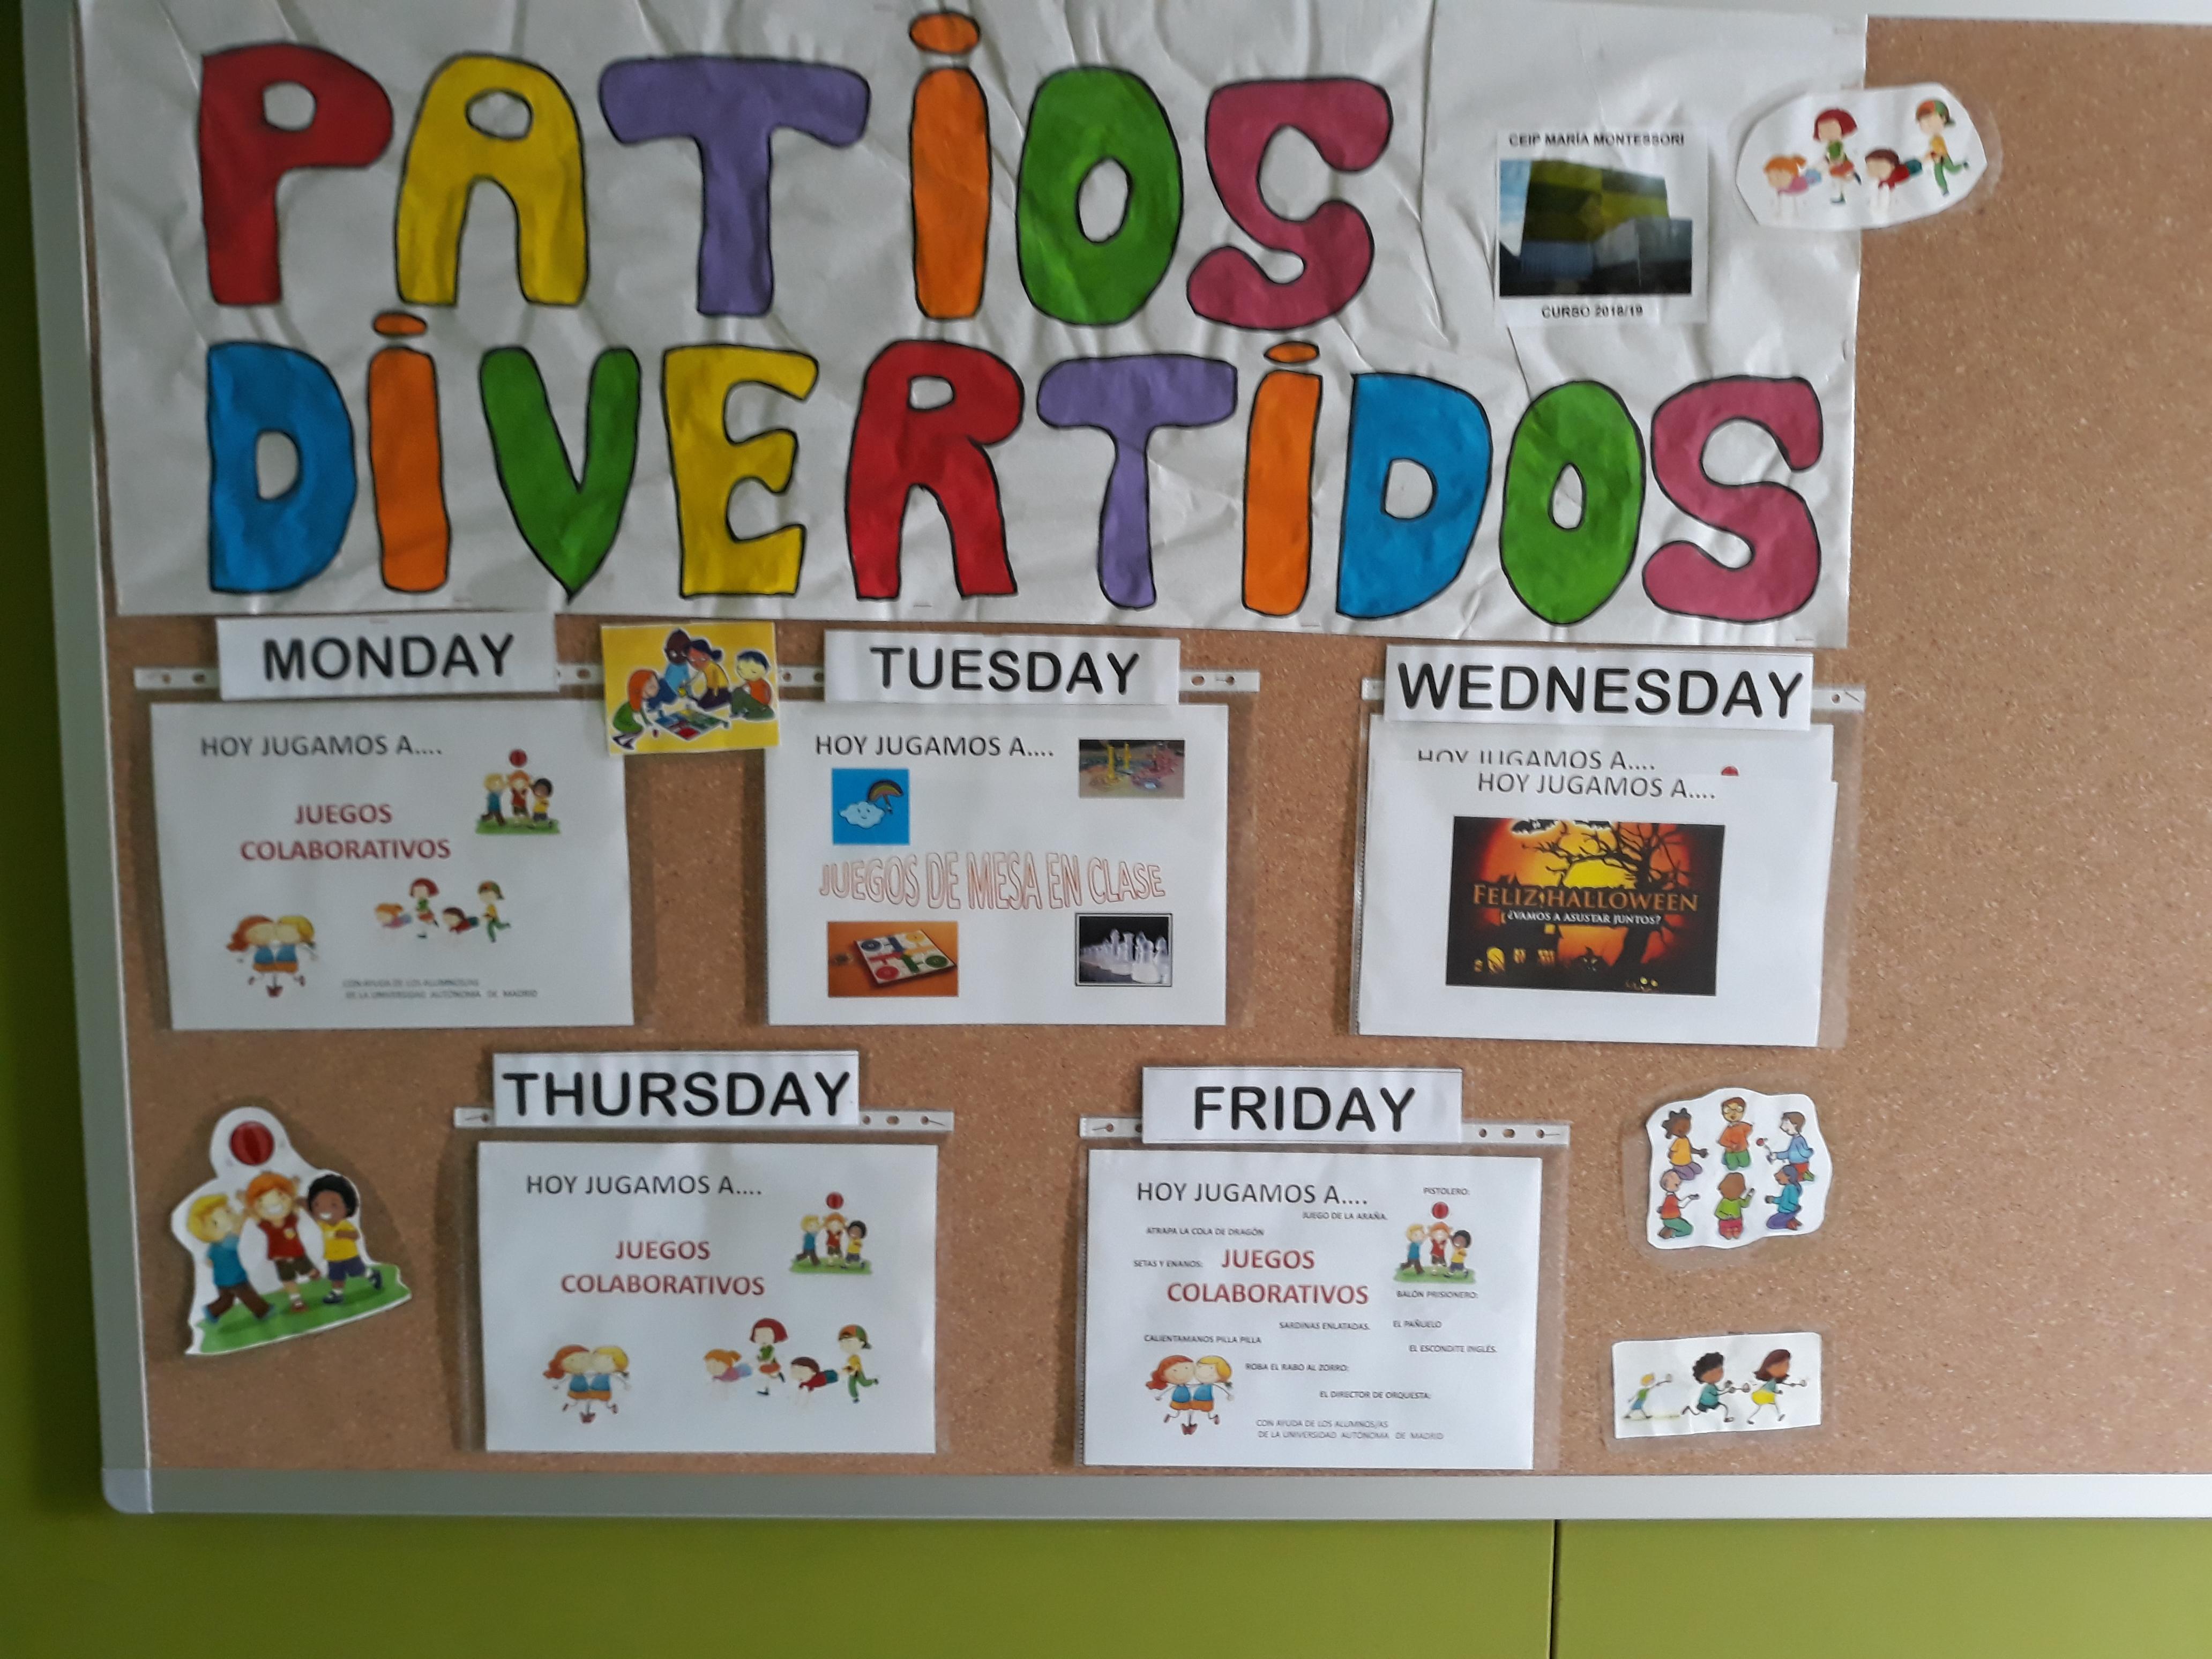 El Colegio Montessori apuesta por la innovación con los patios divertidos